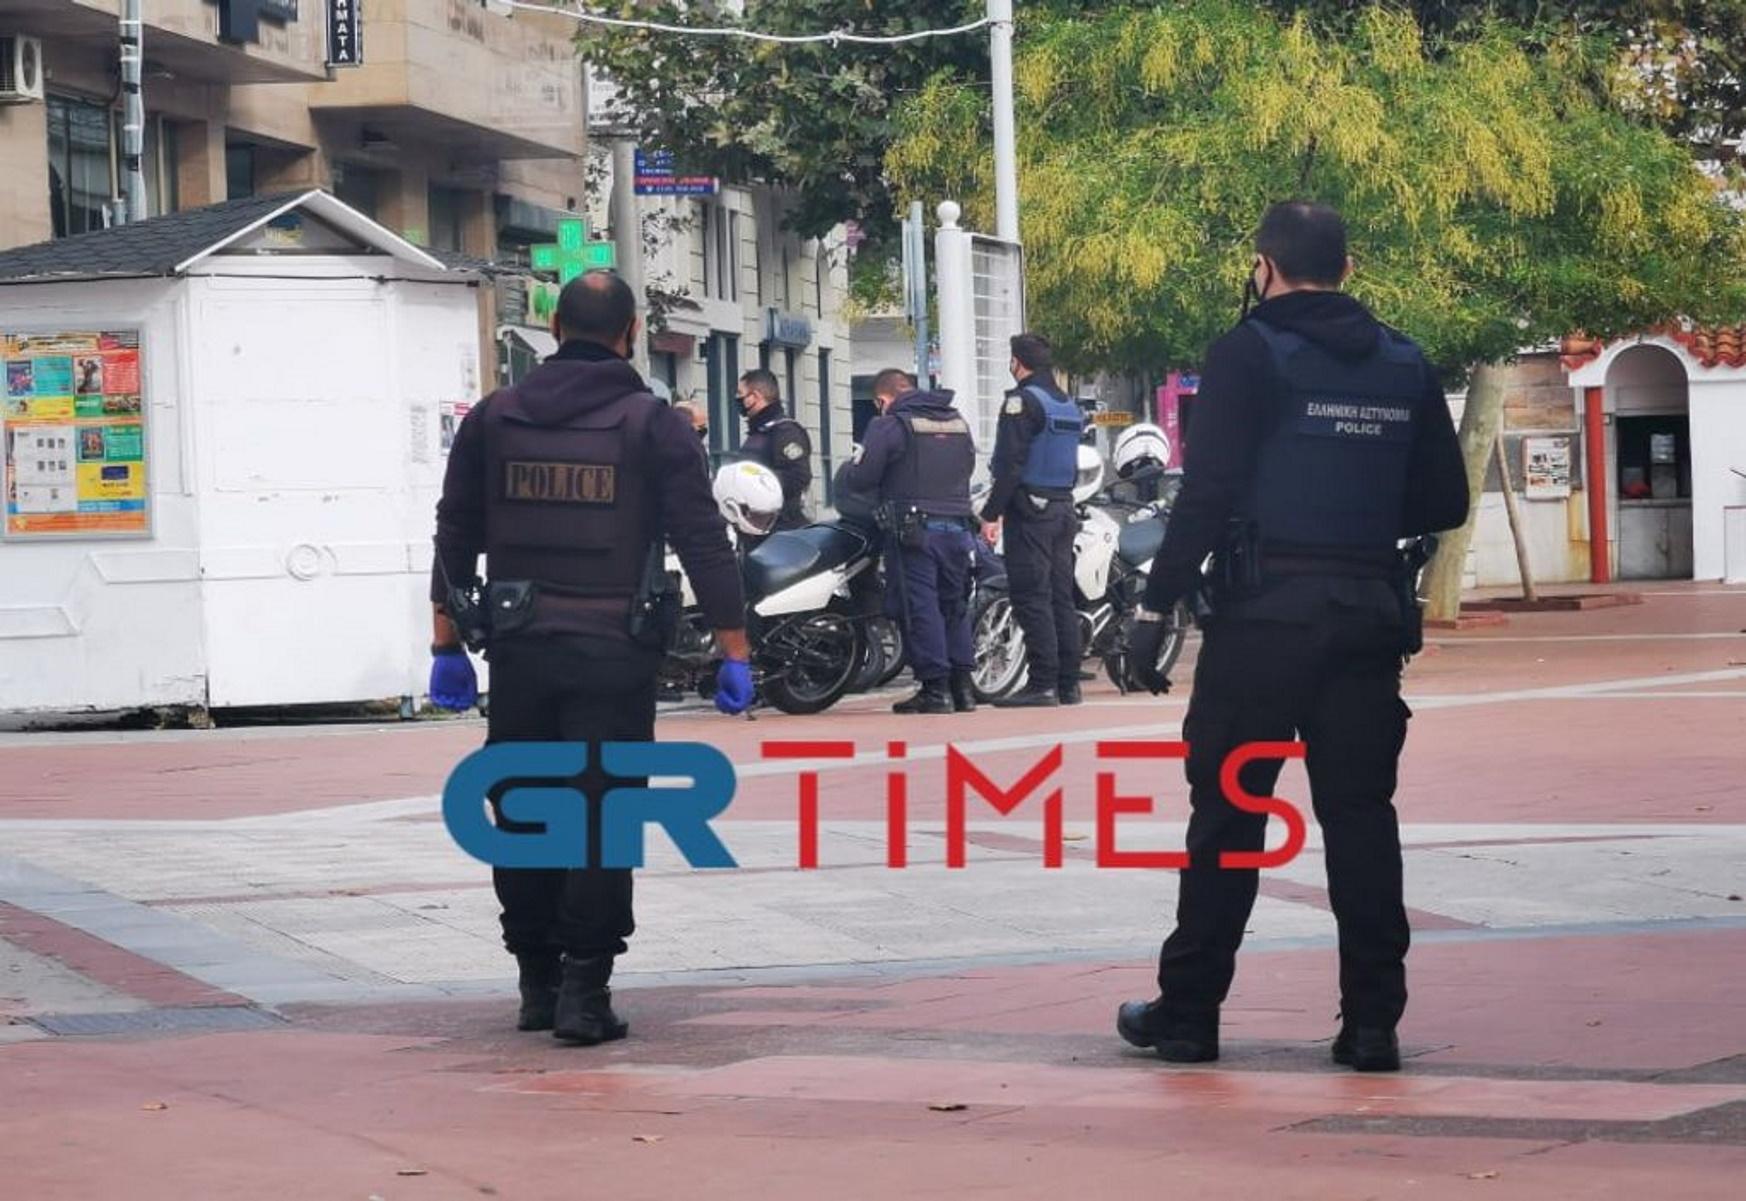 Θεσσαλονίκη – Πρόστιμο 900 ευρώ σε κορίτσι για παραβίαση των μέτρων: Τι απαντά η αστυνομία